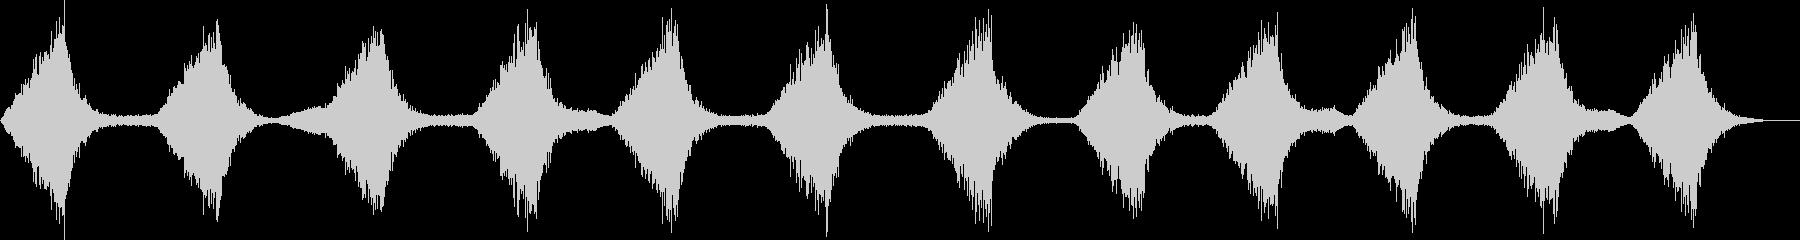 ザバーン...。波・海の音(穏やか・長)の未再生の波形